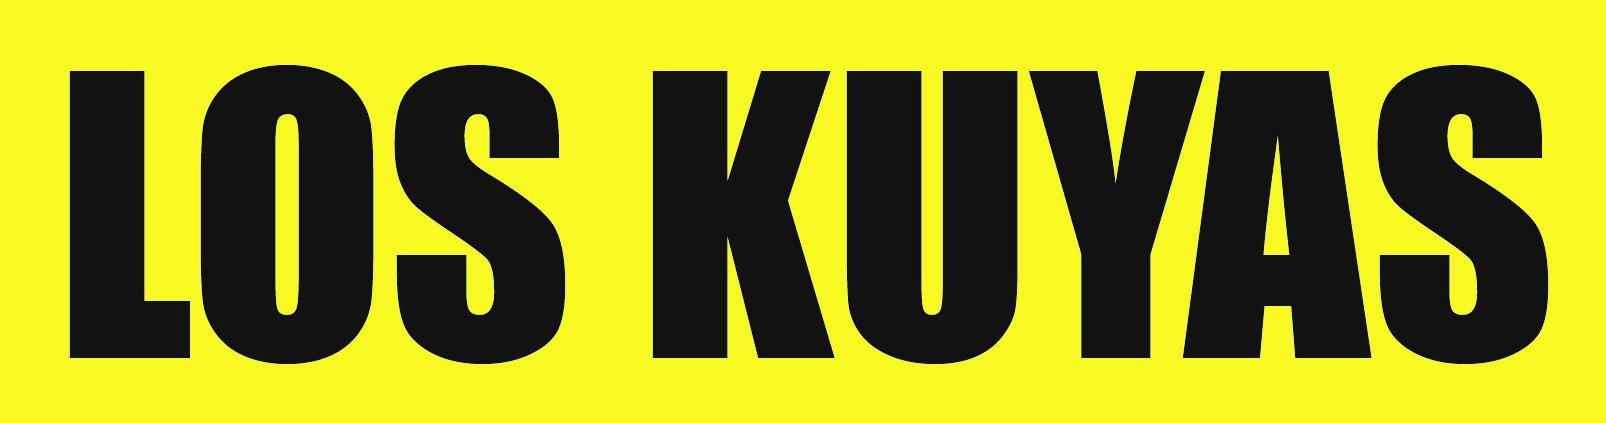 Los Kuyas                                Logo